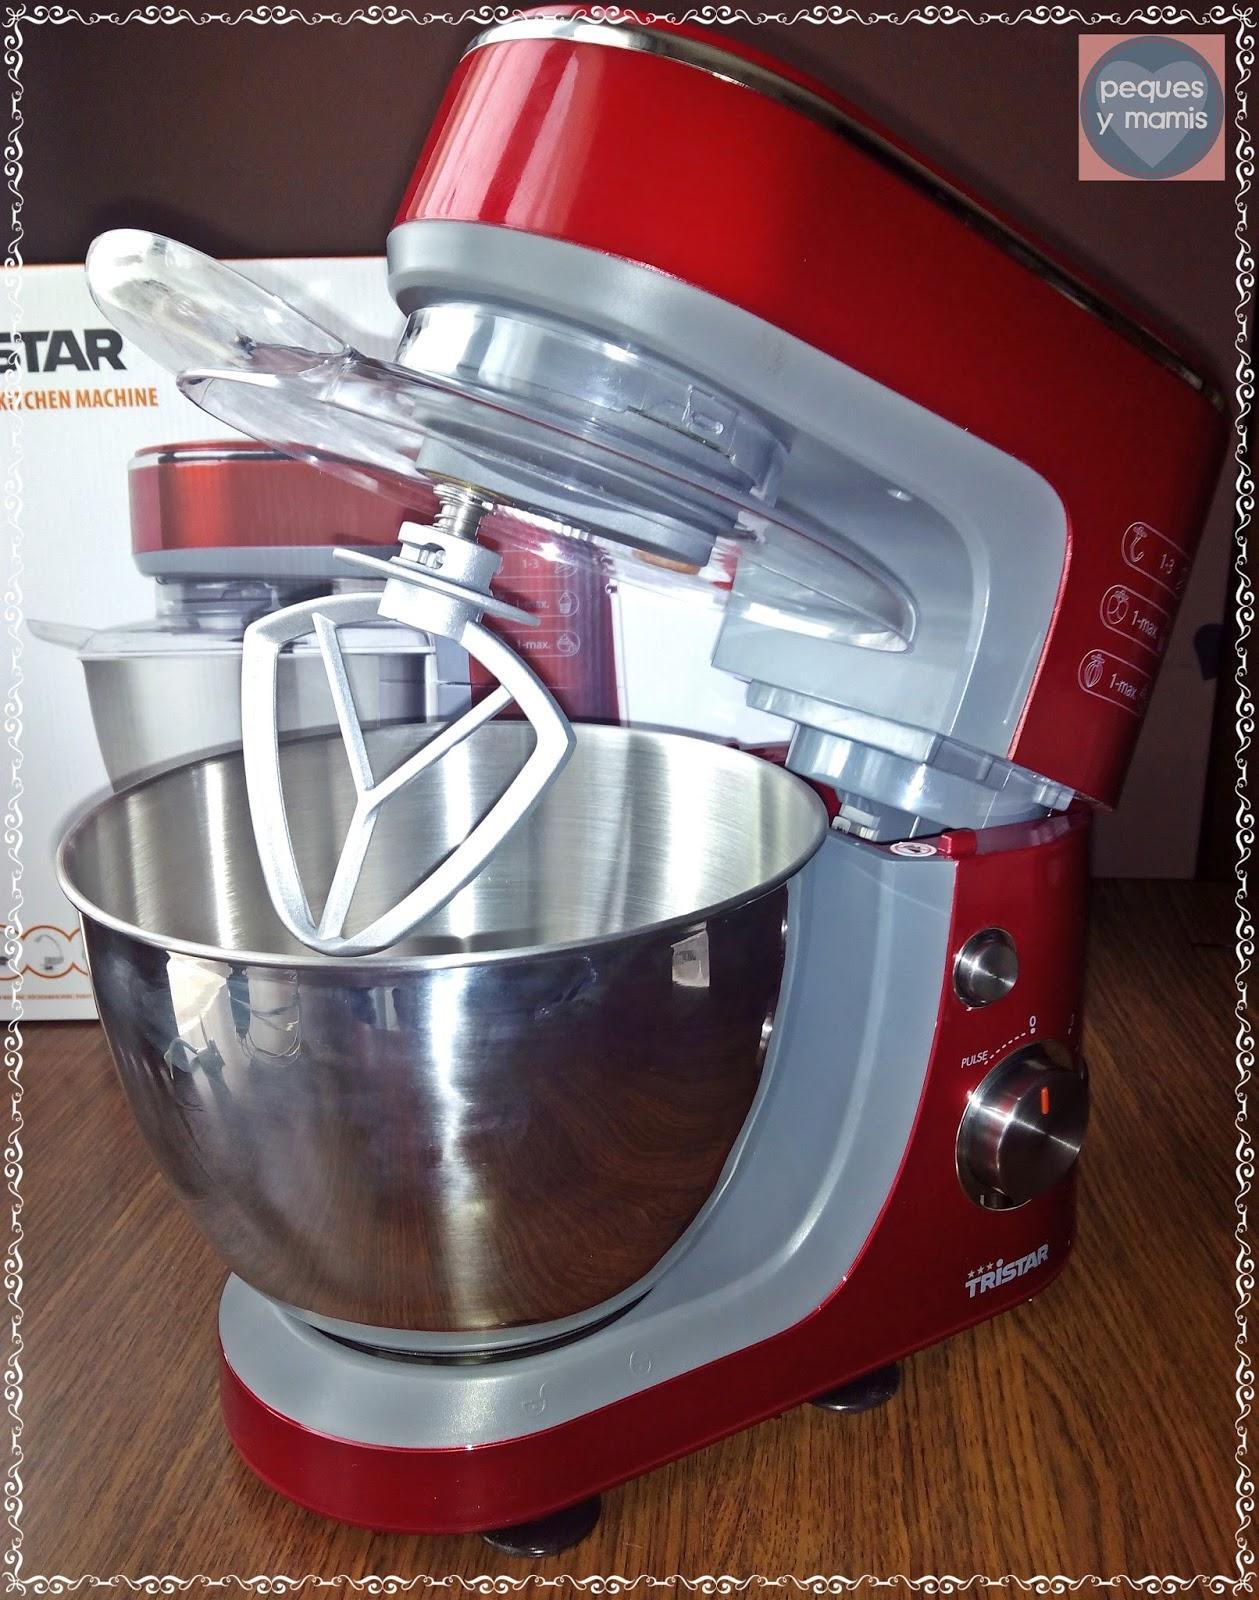 Pequesymamis mi robot de cocina tristar mx 4182 - Cual es el mejor robot de cocina ...